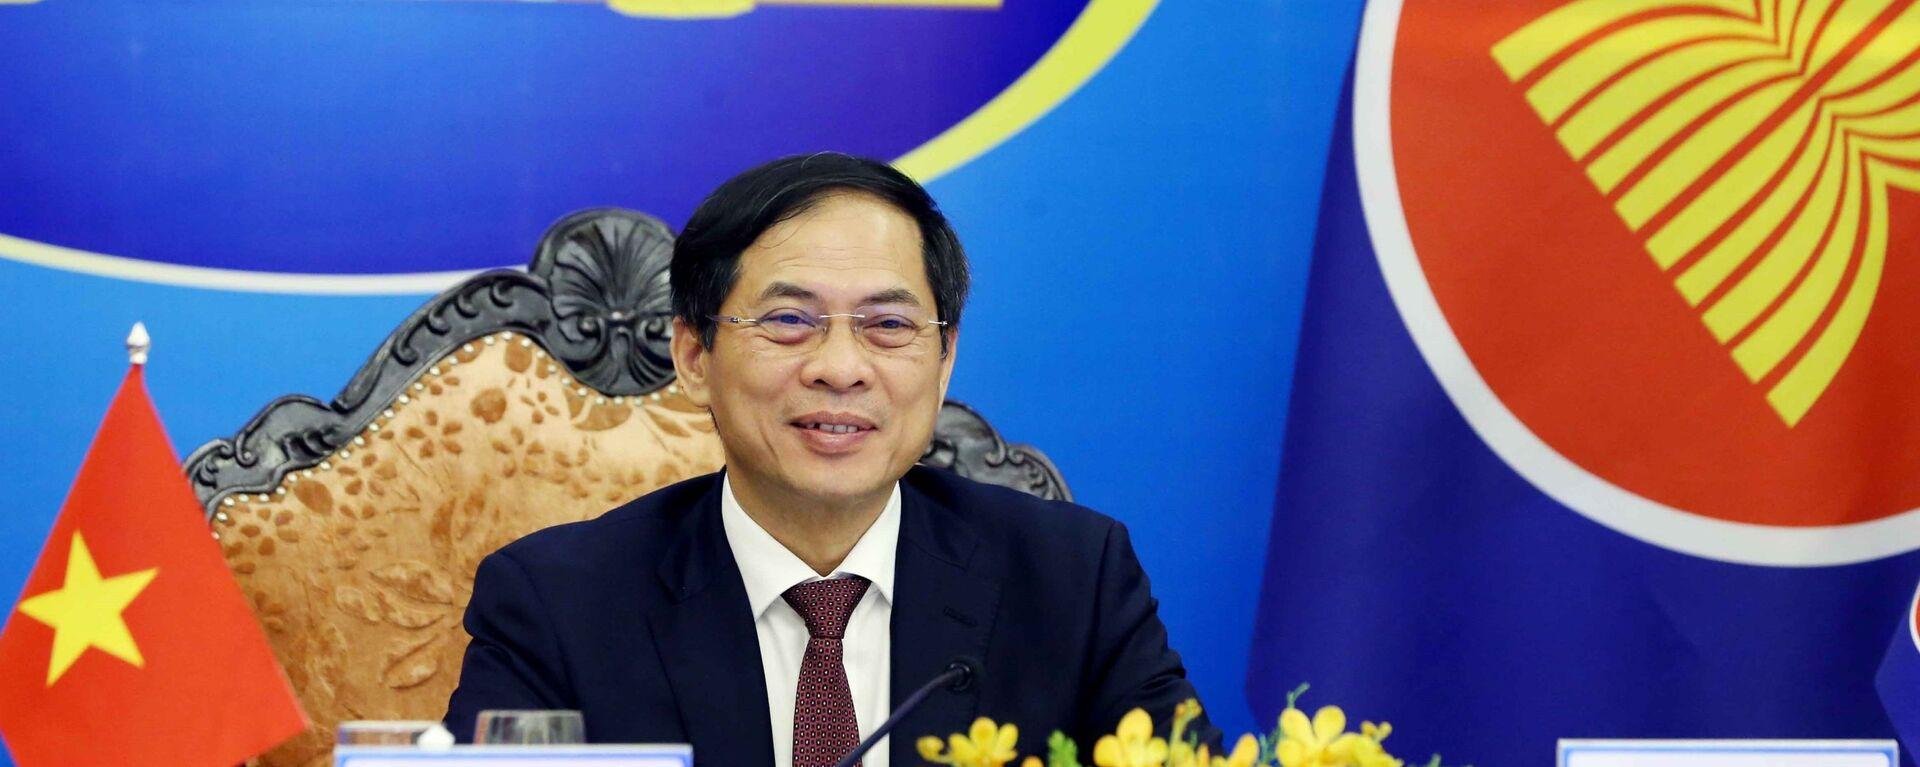 Bộ trưởng Bộ Ngoại giao Bùi Thanh Sơn tham dự Hội nghị Bộ trưởng Ngoại giao ASEAN – Trung Quốc theo hình thức trực tuyến. - Sputnik Việt Nam, 1920, 03.08.2021